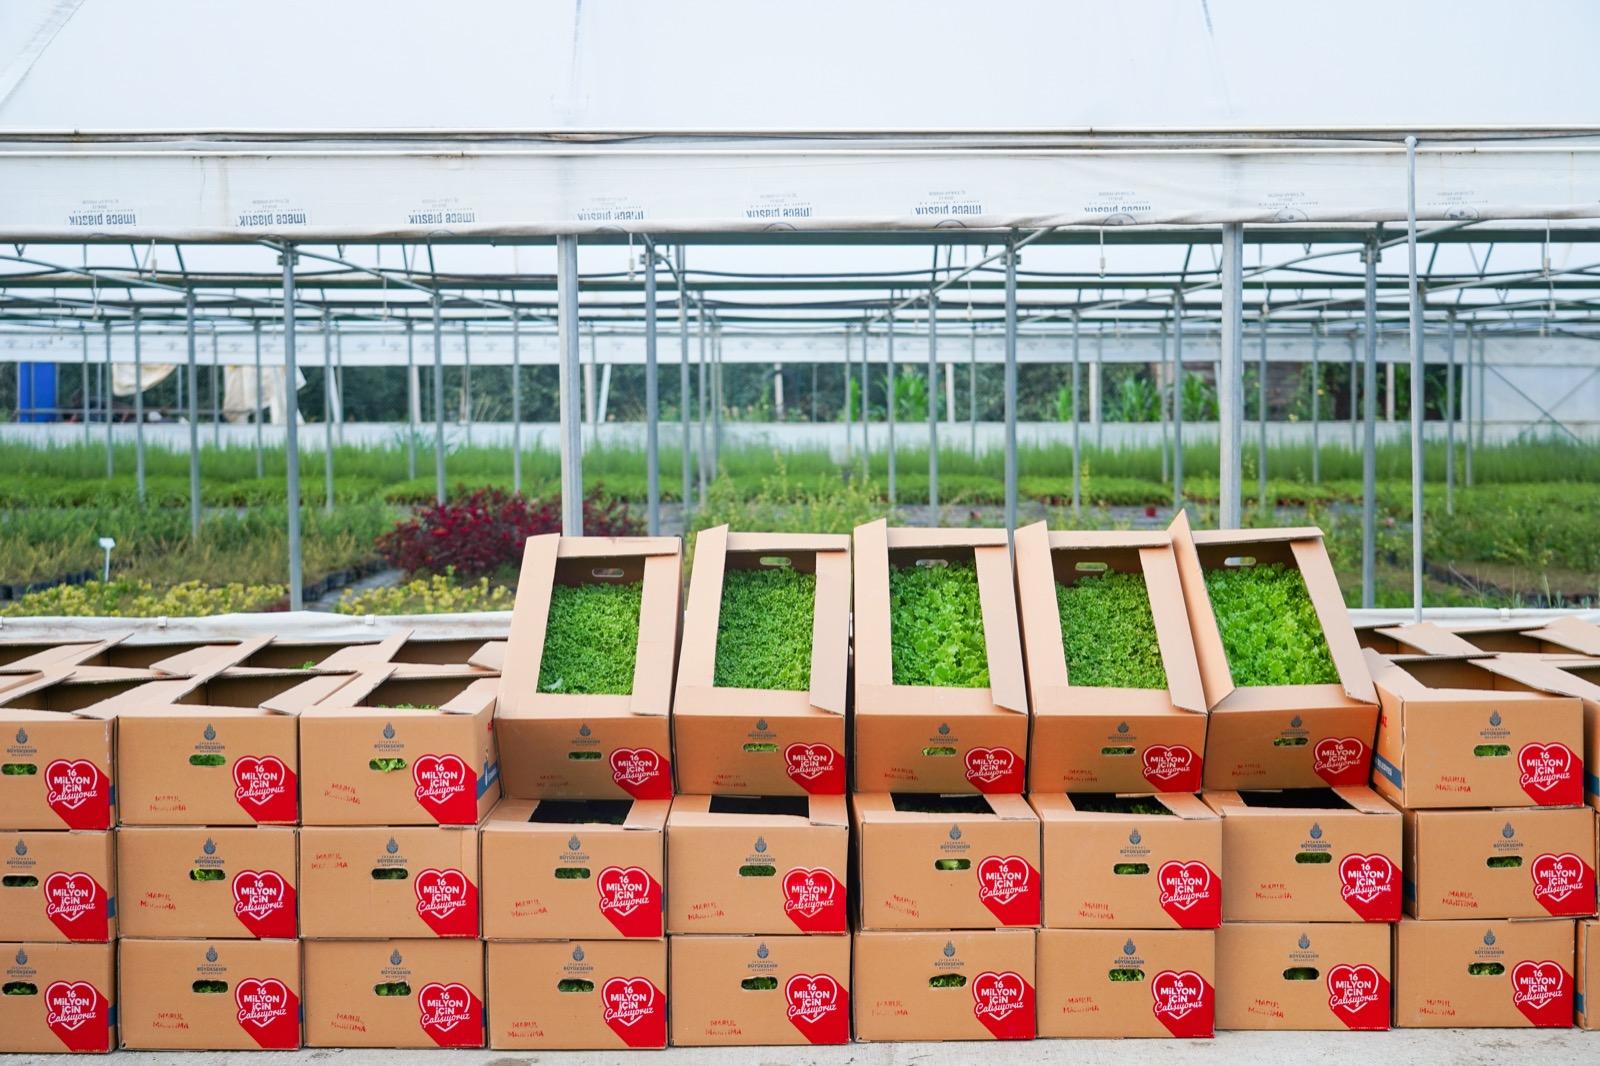 Bilecik Belediyesi 118 Bin 750 Adet Sebze Fidesini Çiftçilere Dağıtacak